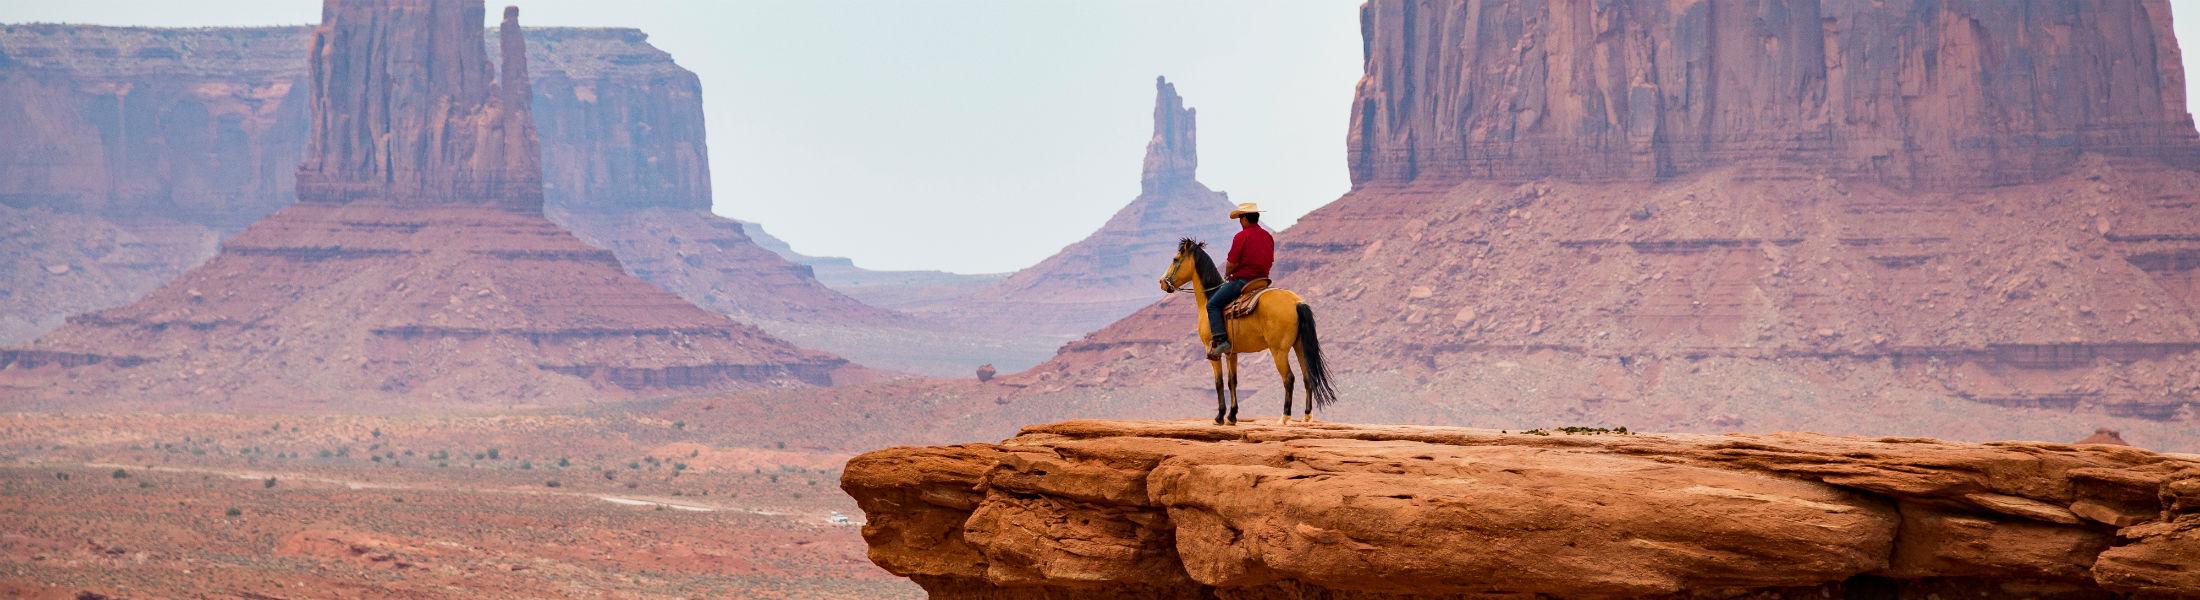 Cowboy looking at the horizon Monument Valley Navajo Tribal Par